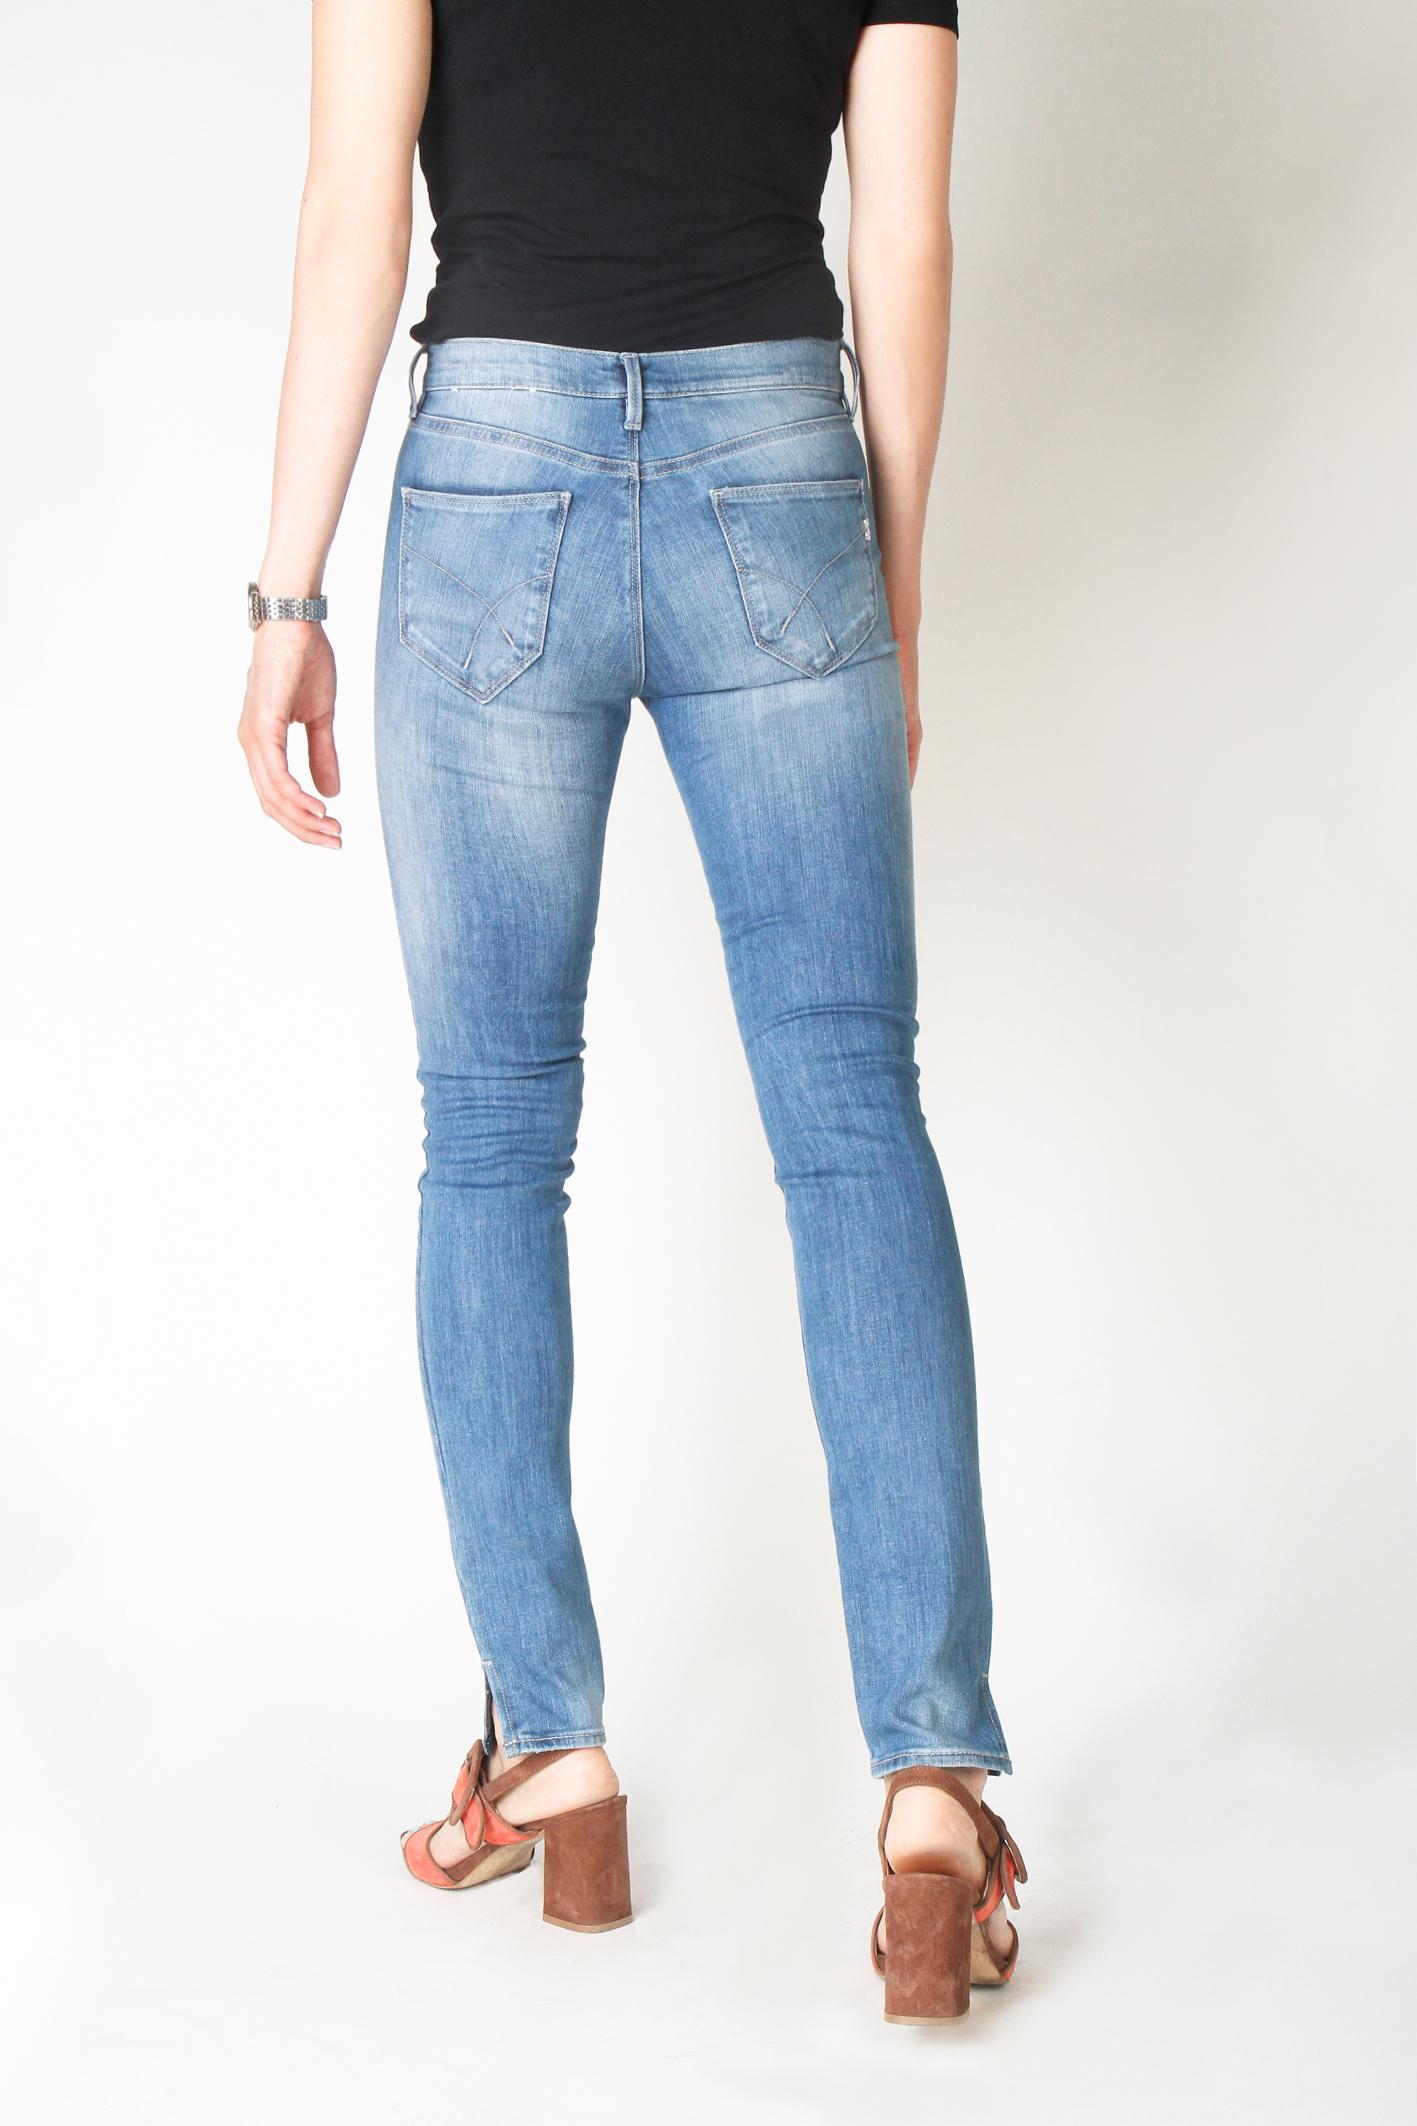 Jeans   Gas SOPHIE_357008_L30_031020 blue